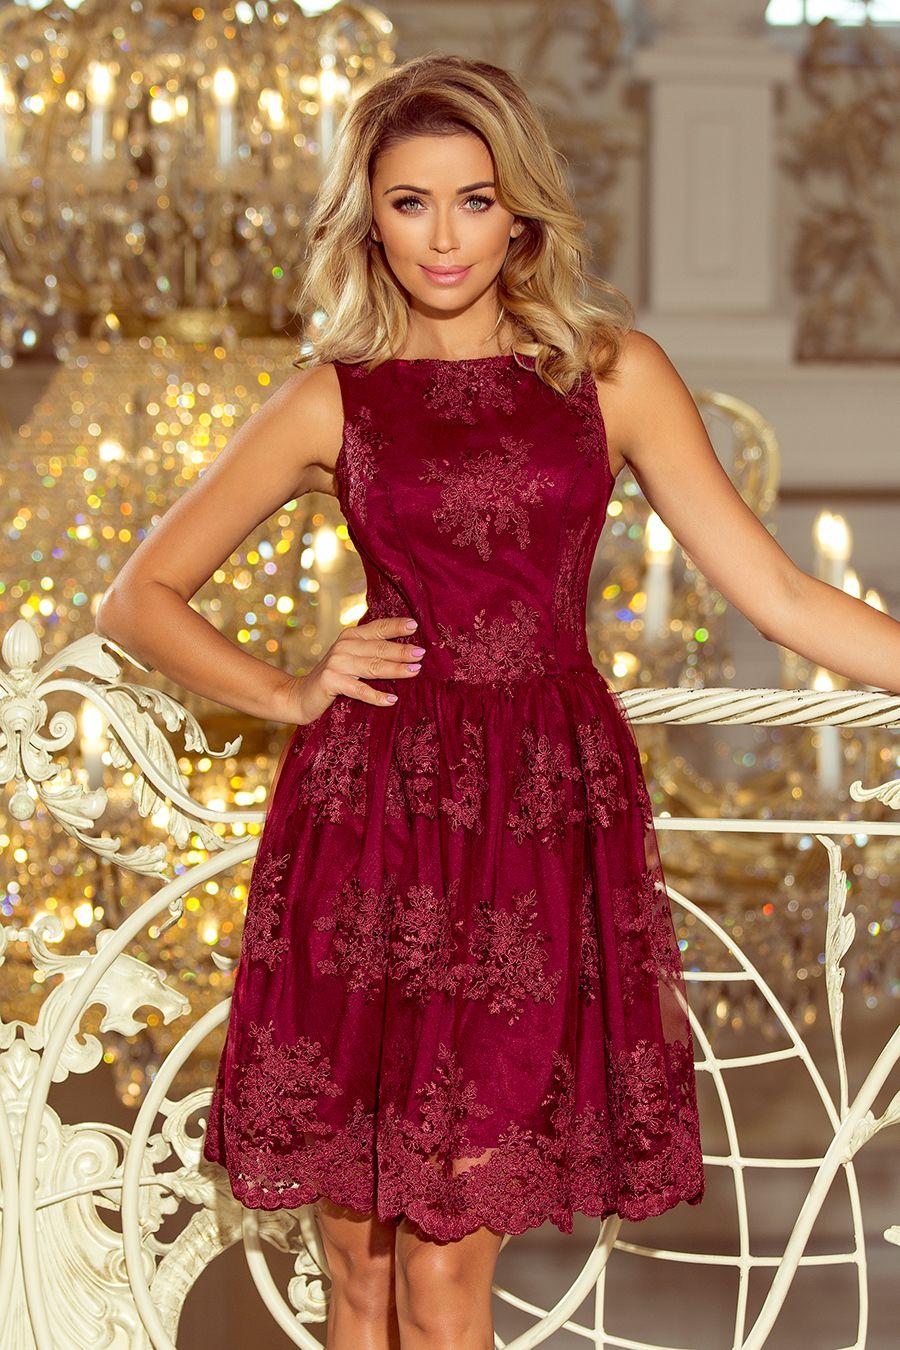 43cfcc3402 Koronkowa bordowa rozkloszowana sukienka - bogato zdobiona. Marka numoco.  Polski producent odzieży. www.numoco.sklep.pl www.numoco.com